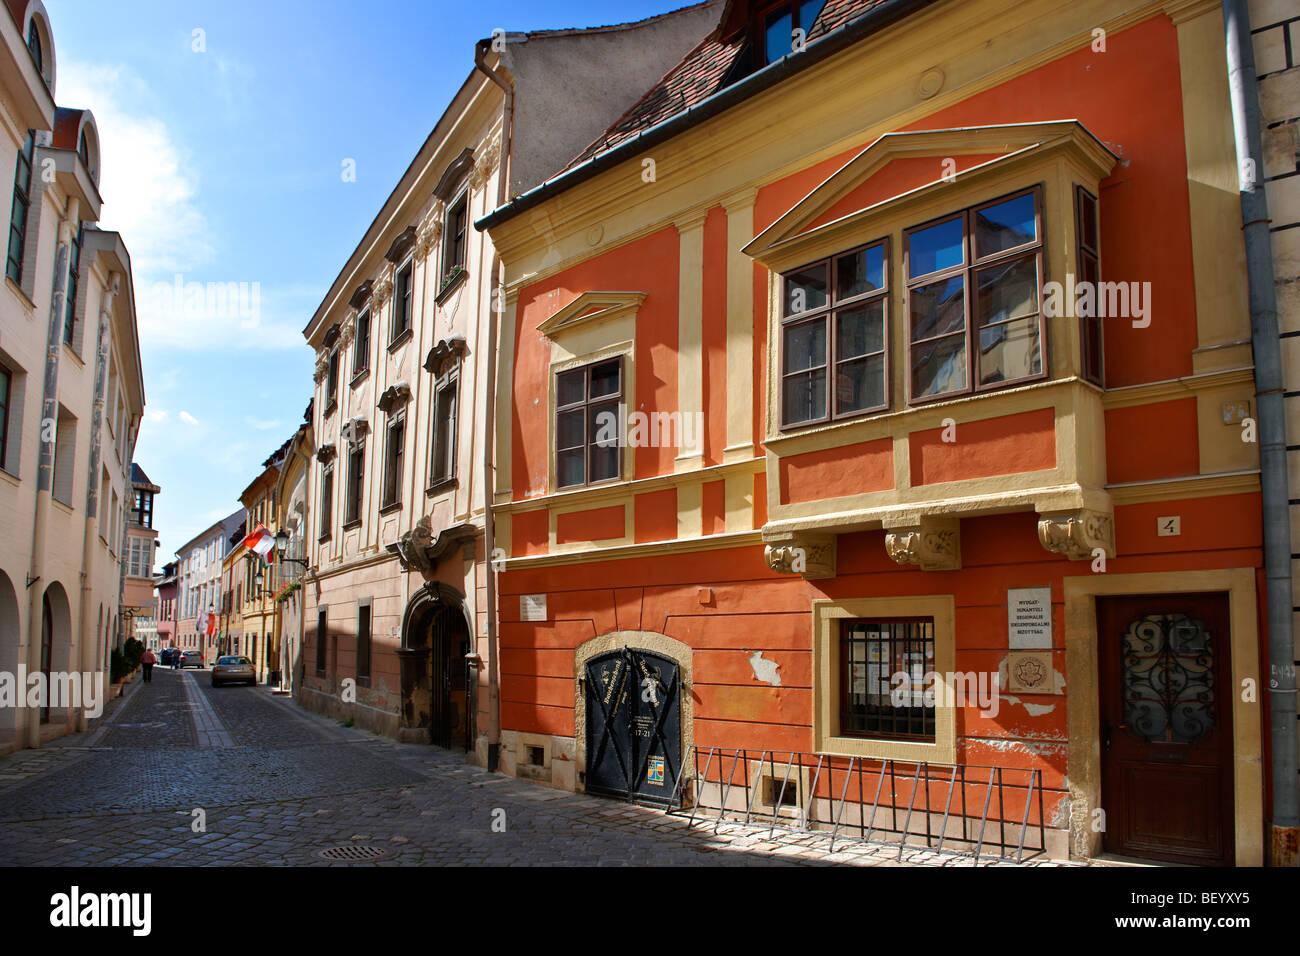 Typischen barocken Häusern - Sopron, Ungarn Stockbild